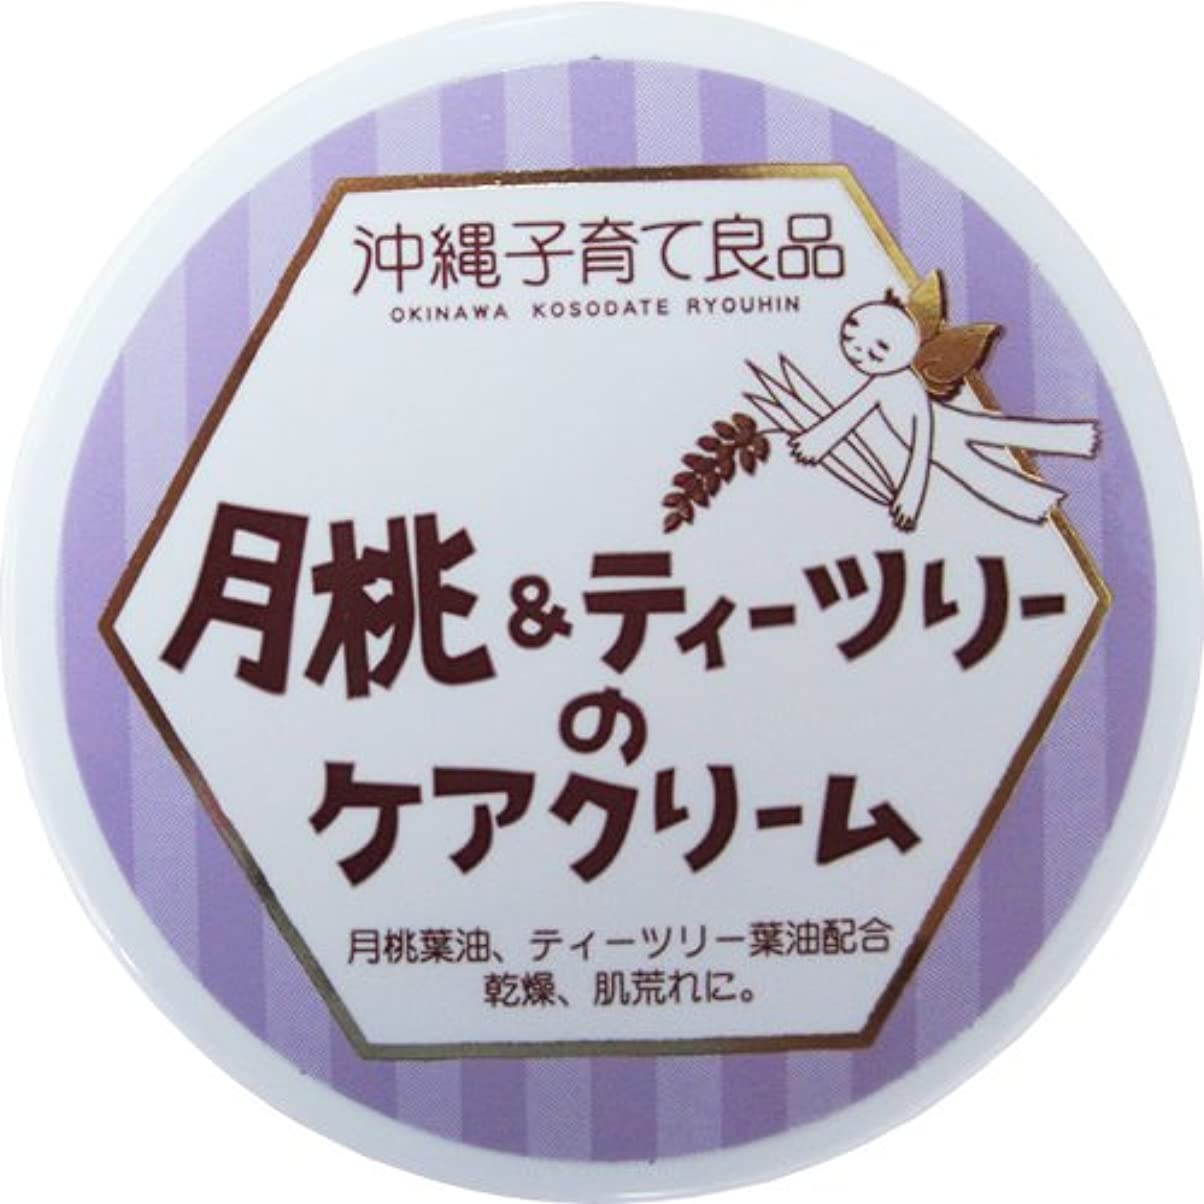 厳恵みベアリングサークル沖縄子育て良品 月桃&ティツリーのケアクリーム (25g)